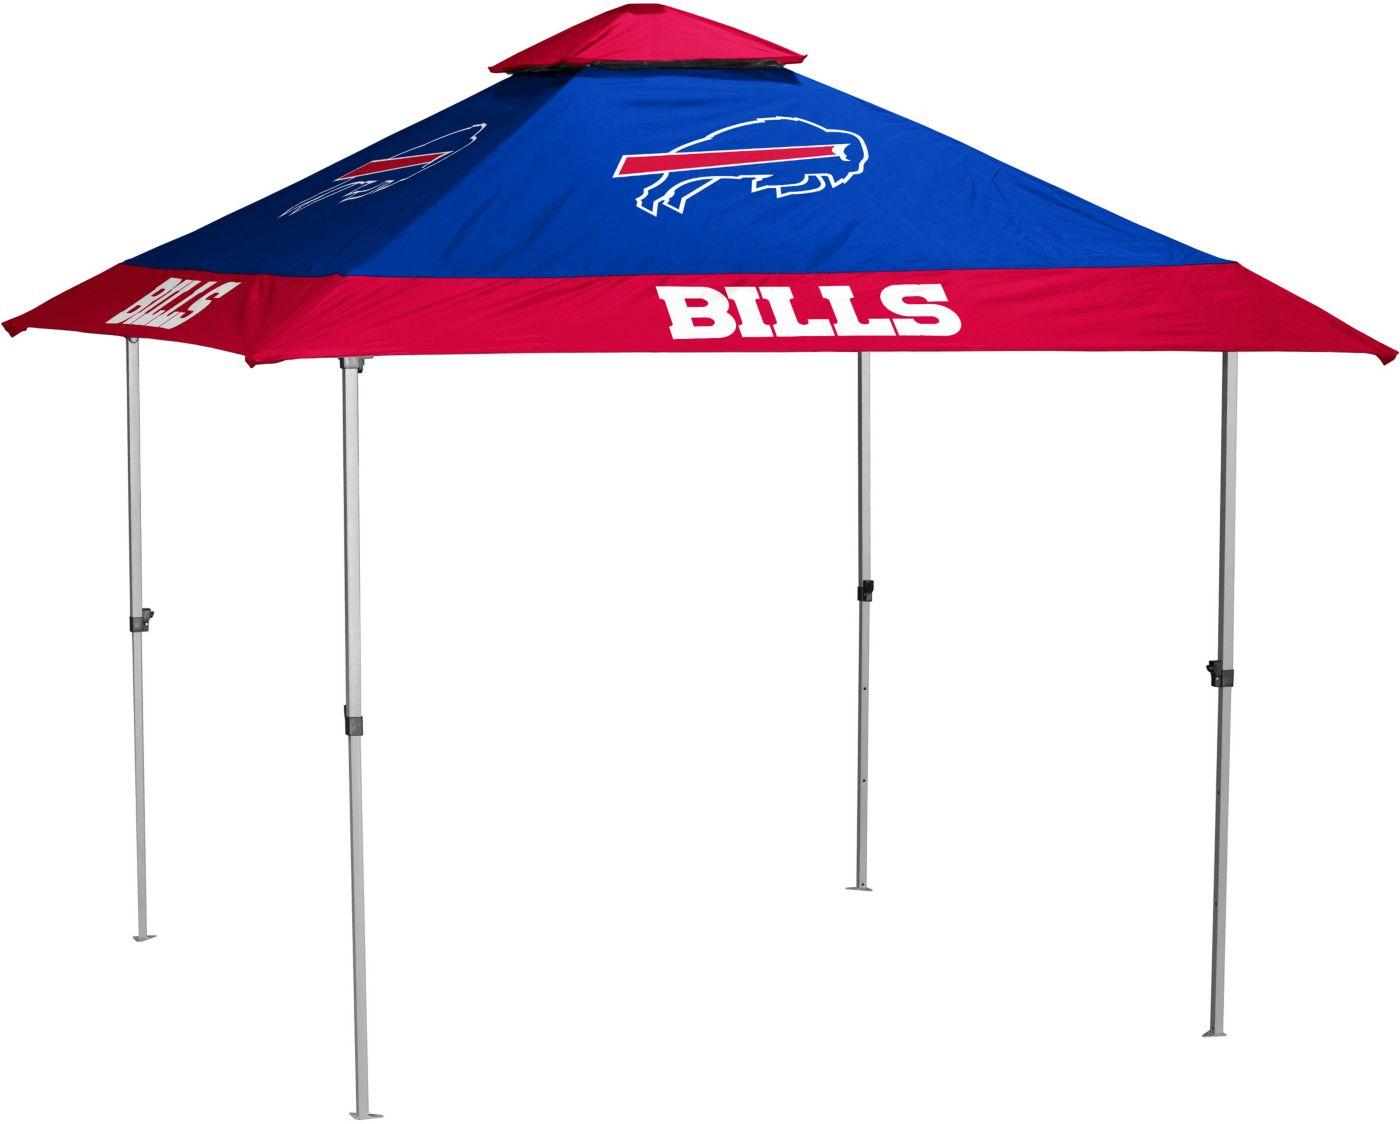 Buffalo Bills Pagoda Canopy